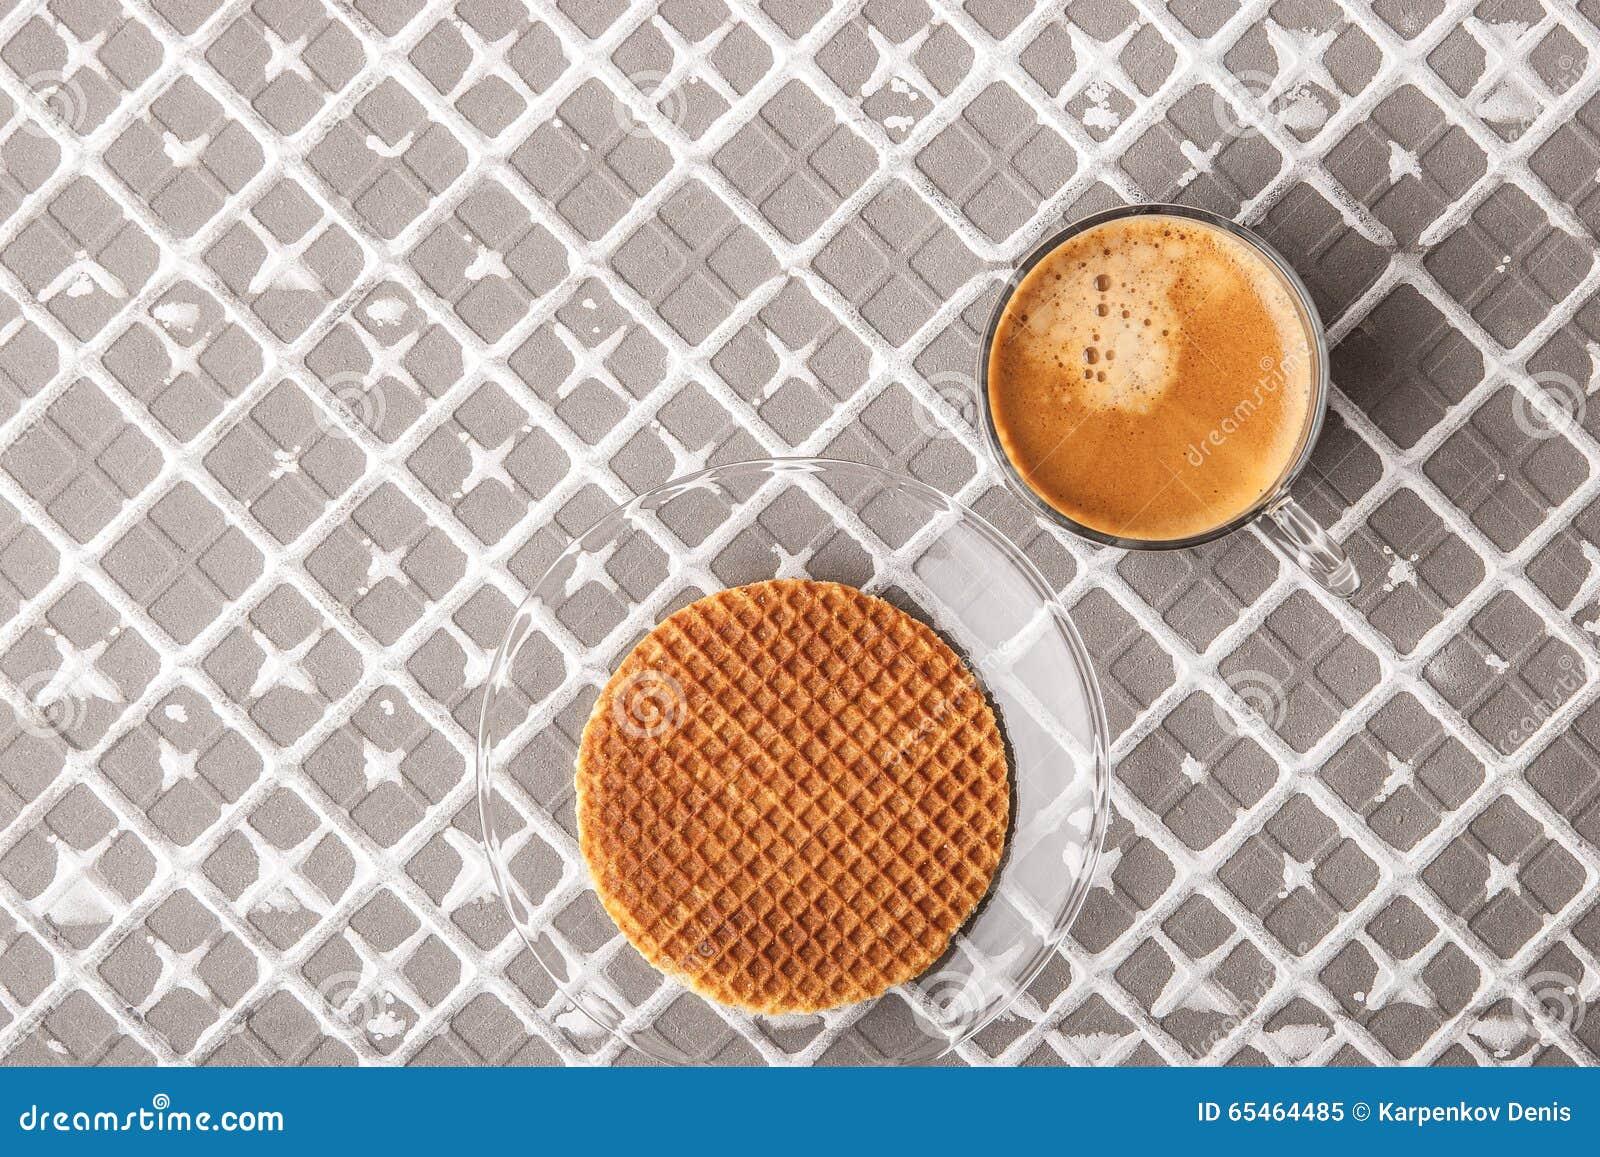 Kop van koffie met wafeltje op de hulpachtergrond